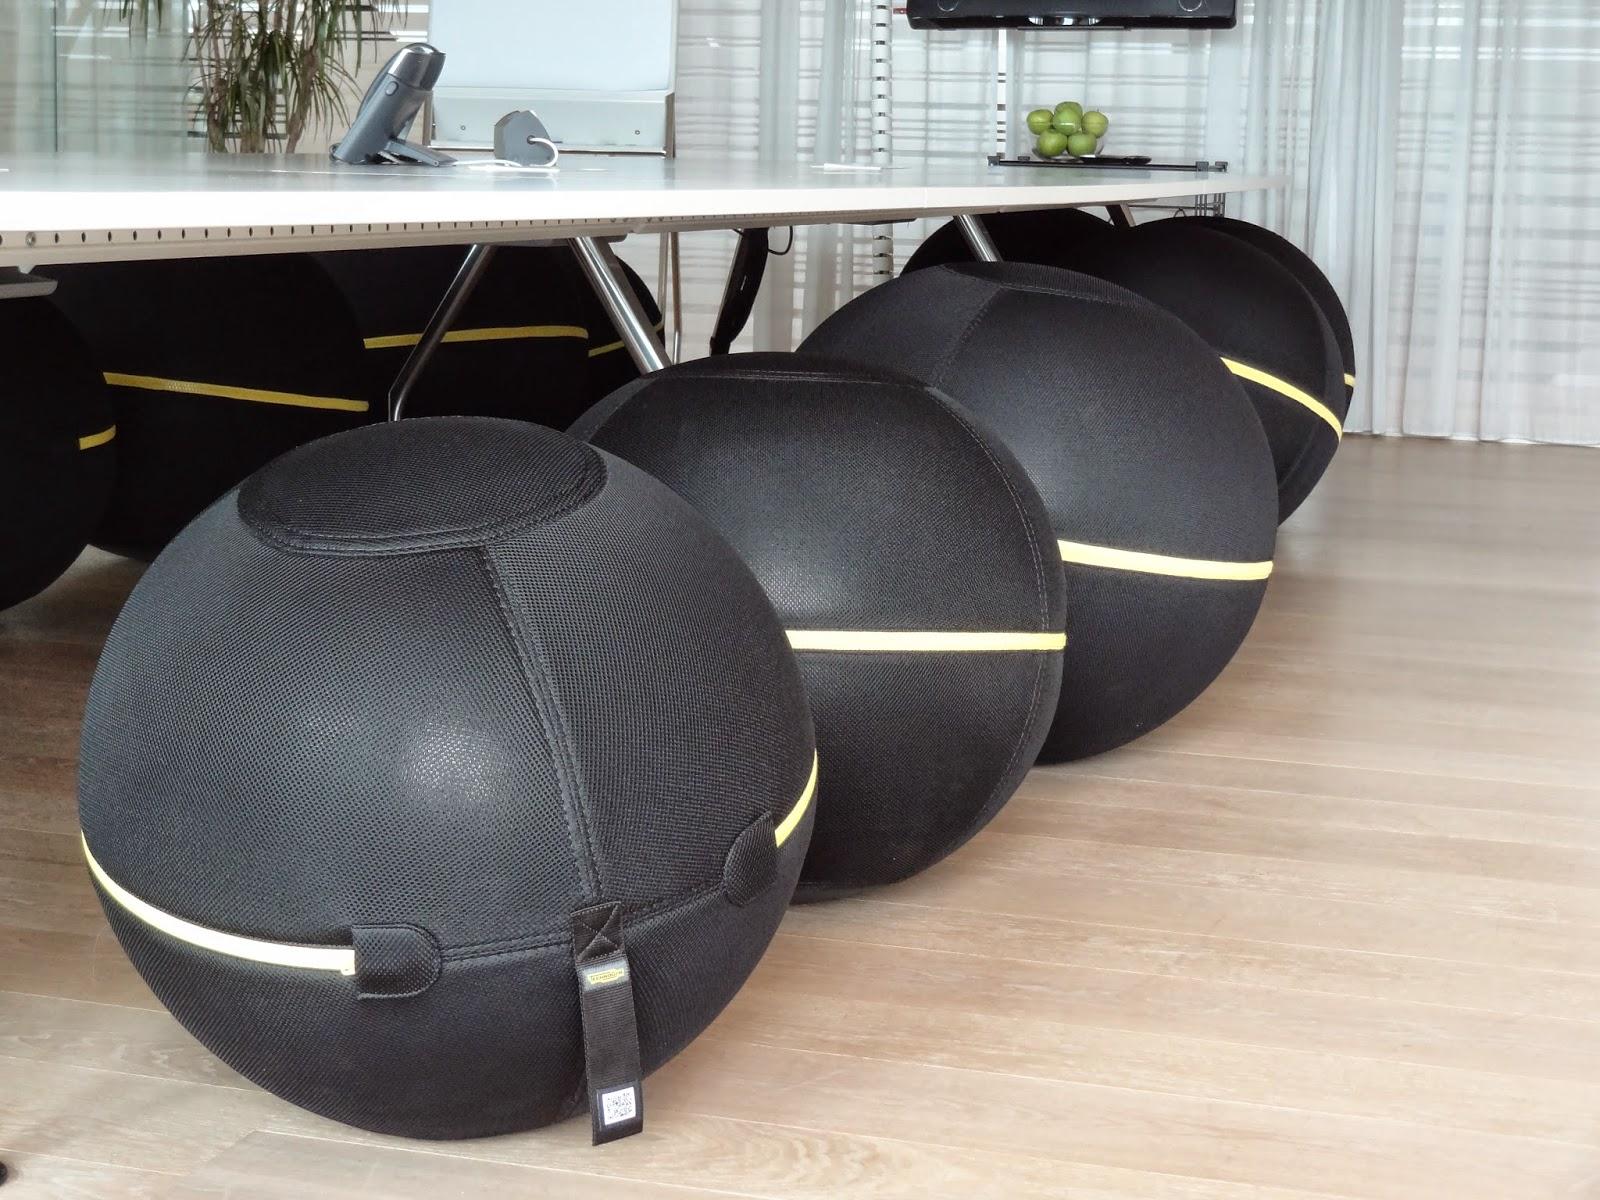 Technogym HQ Cesena Office Wellness Ball